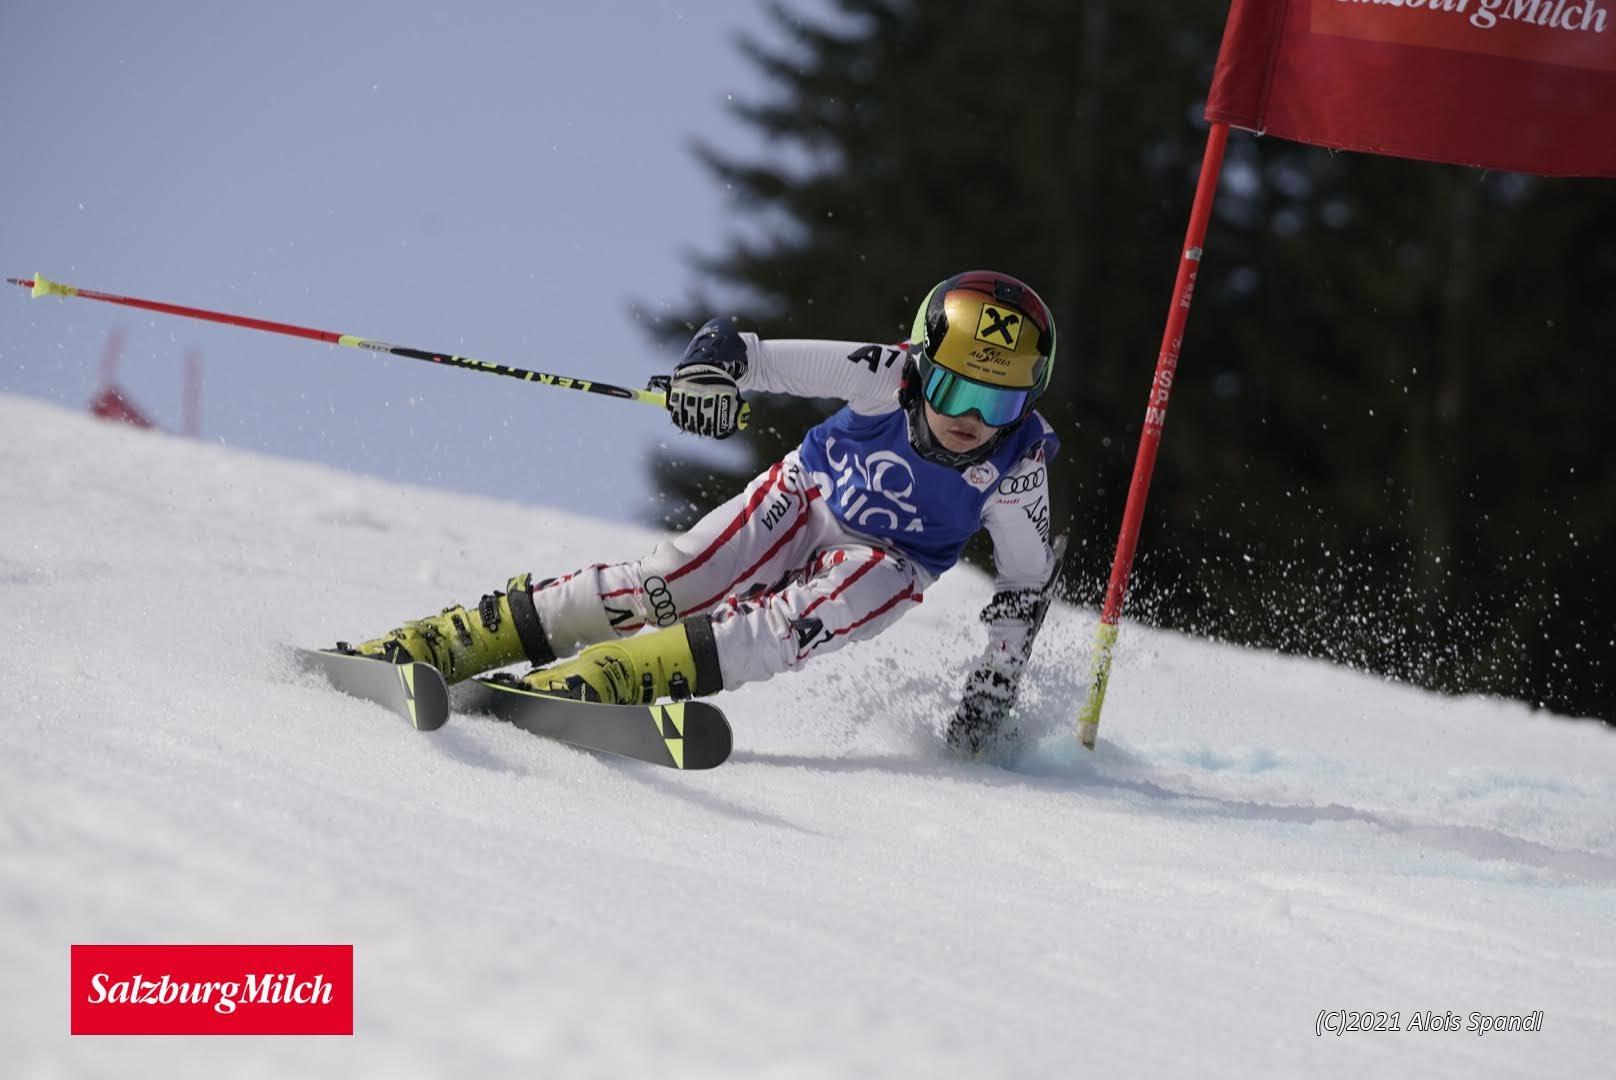 Ski Saison beendet!